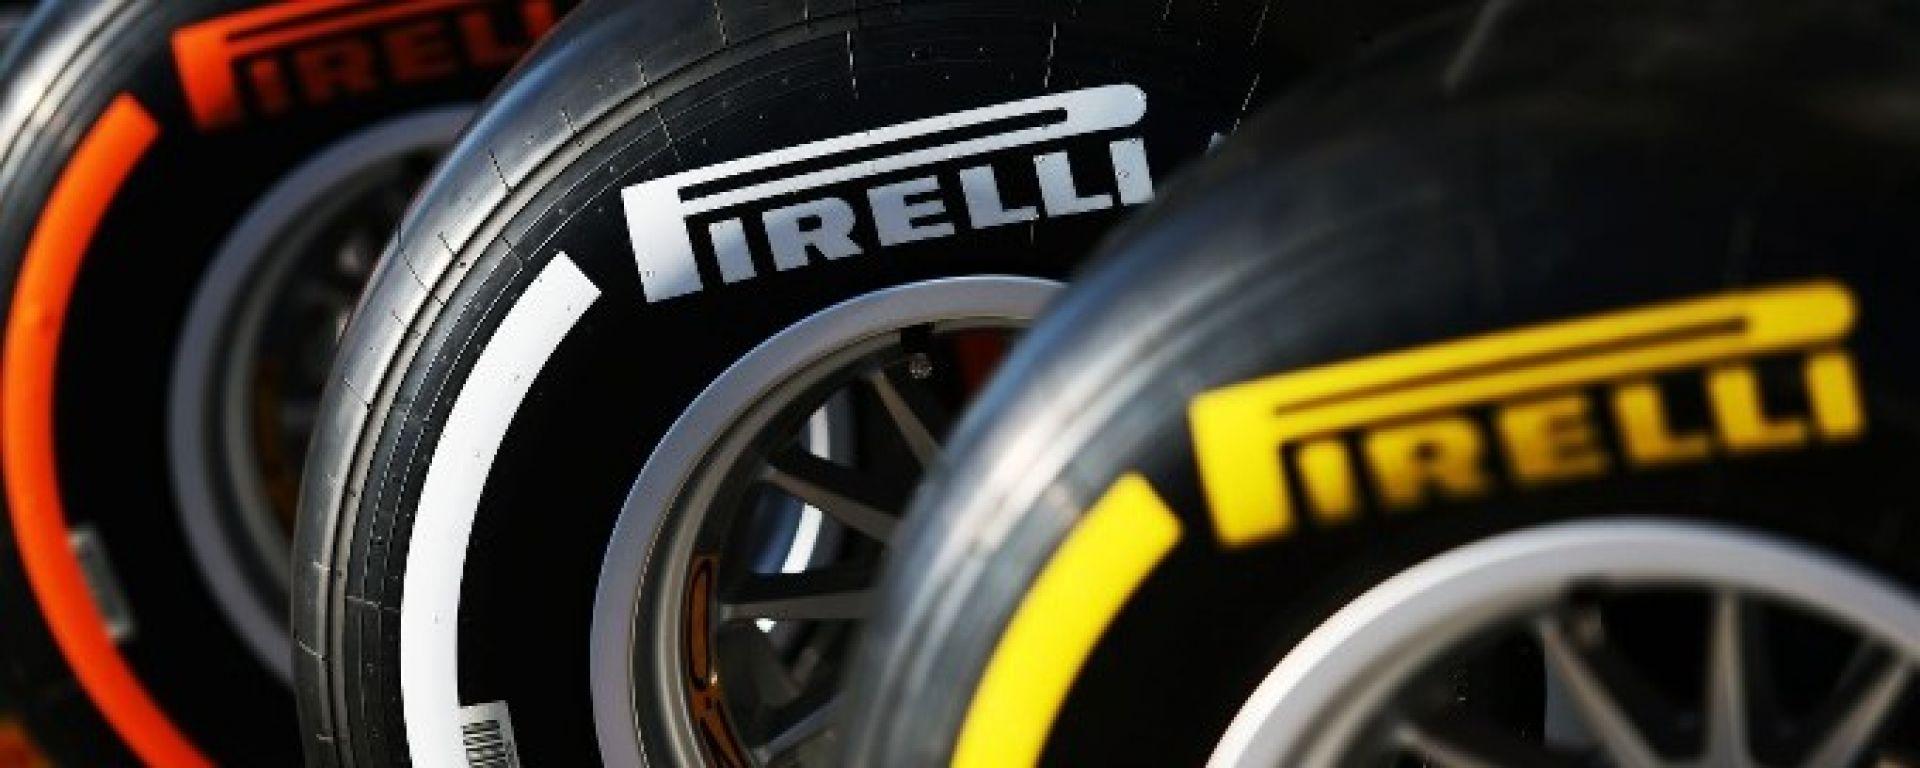 Pirelli annuncia le mescole per Interlagos: scelte simili tra i team